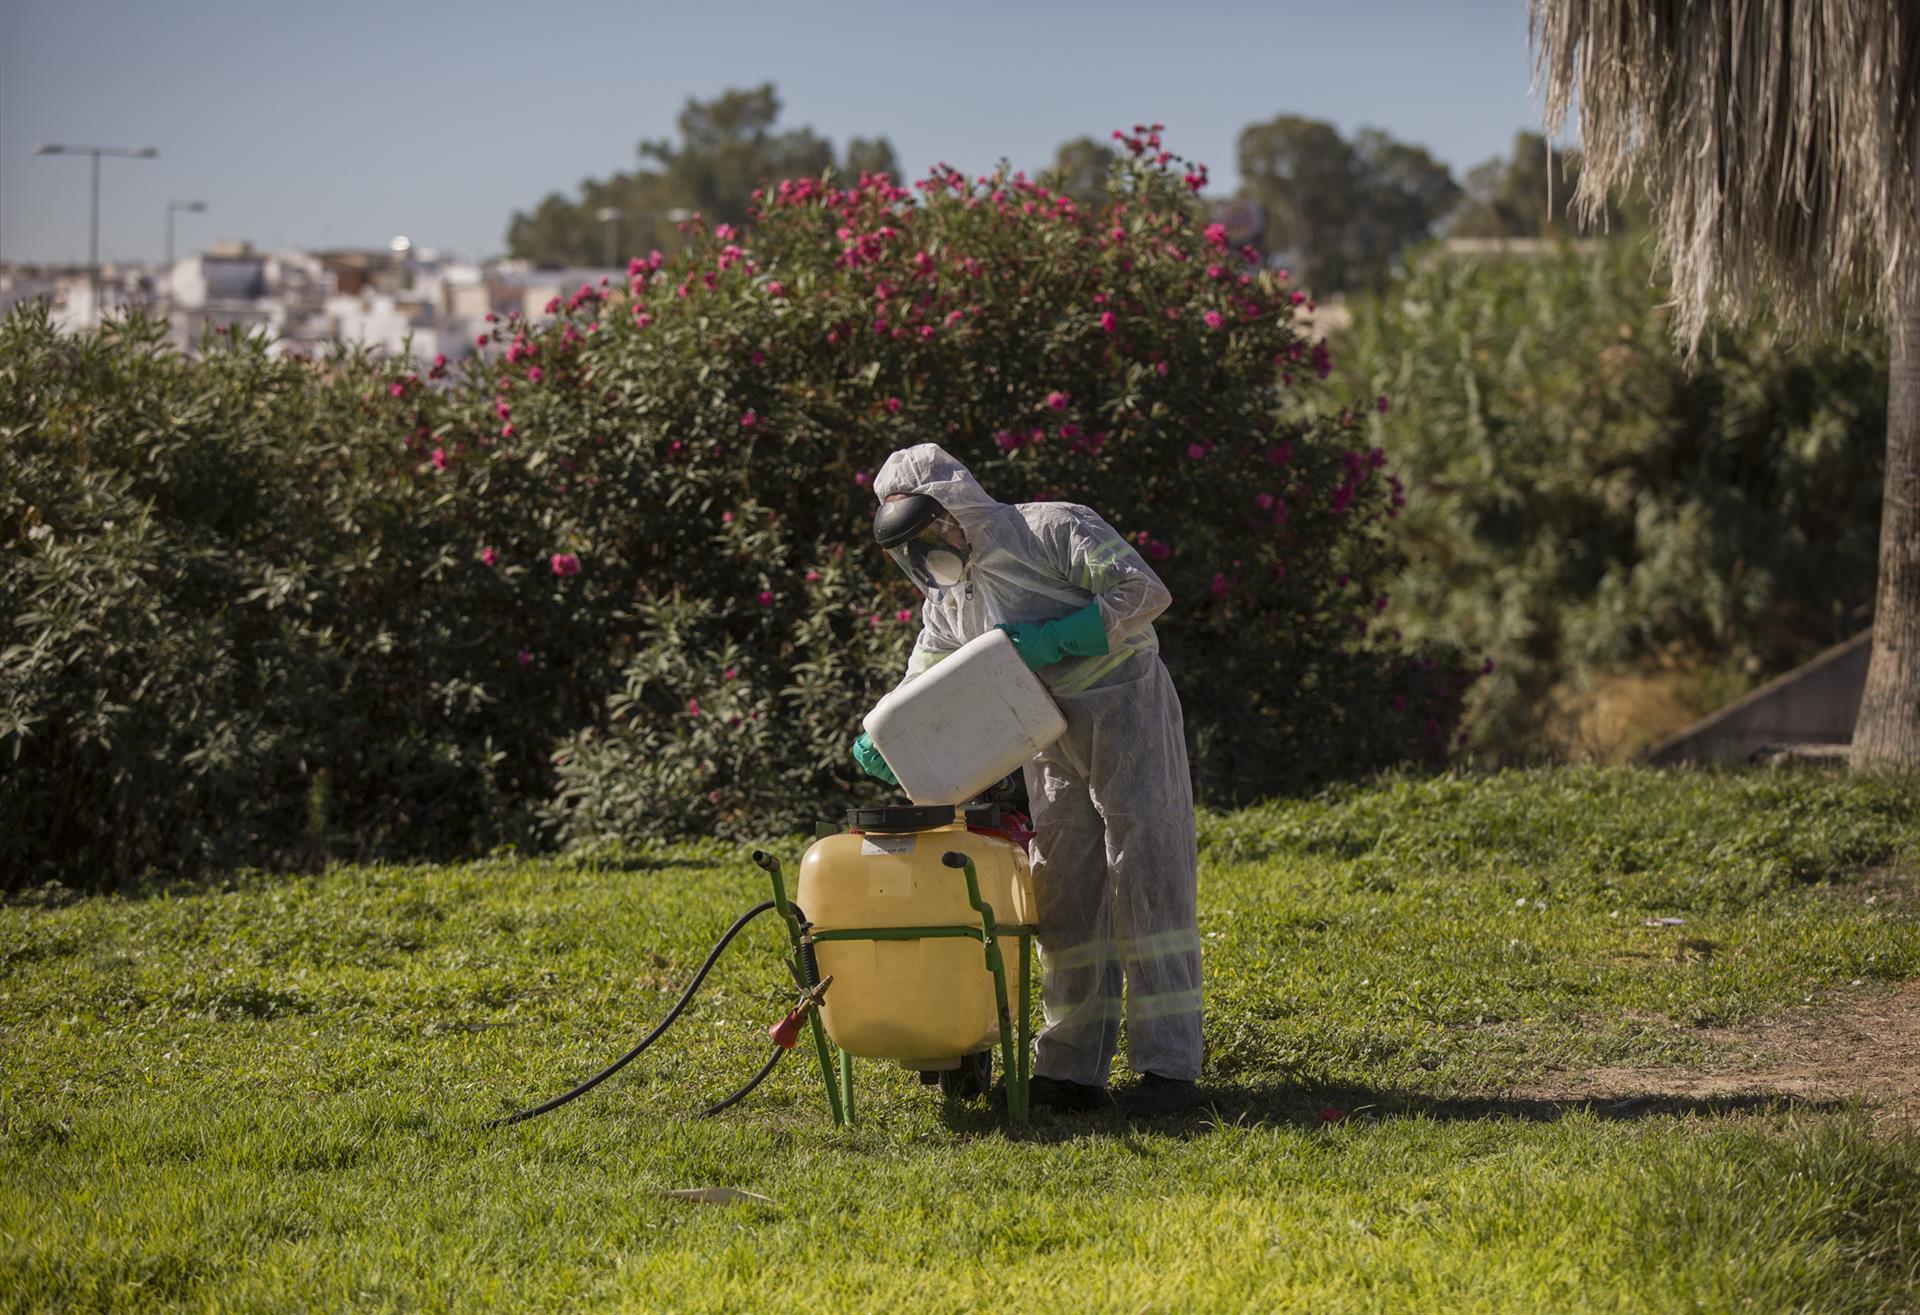 Fumigación Virus del Nilo Occidental